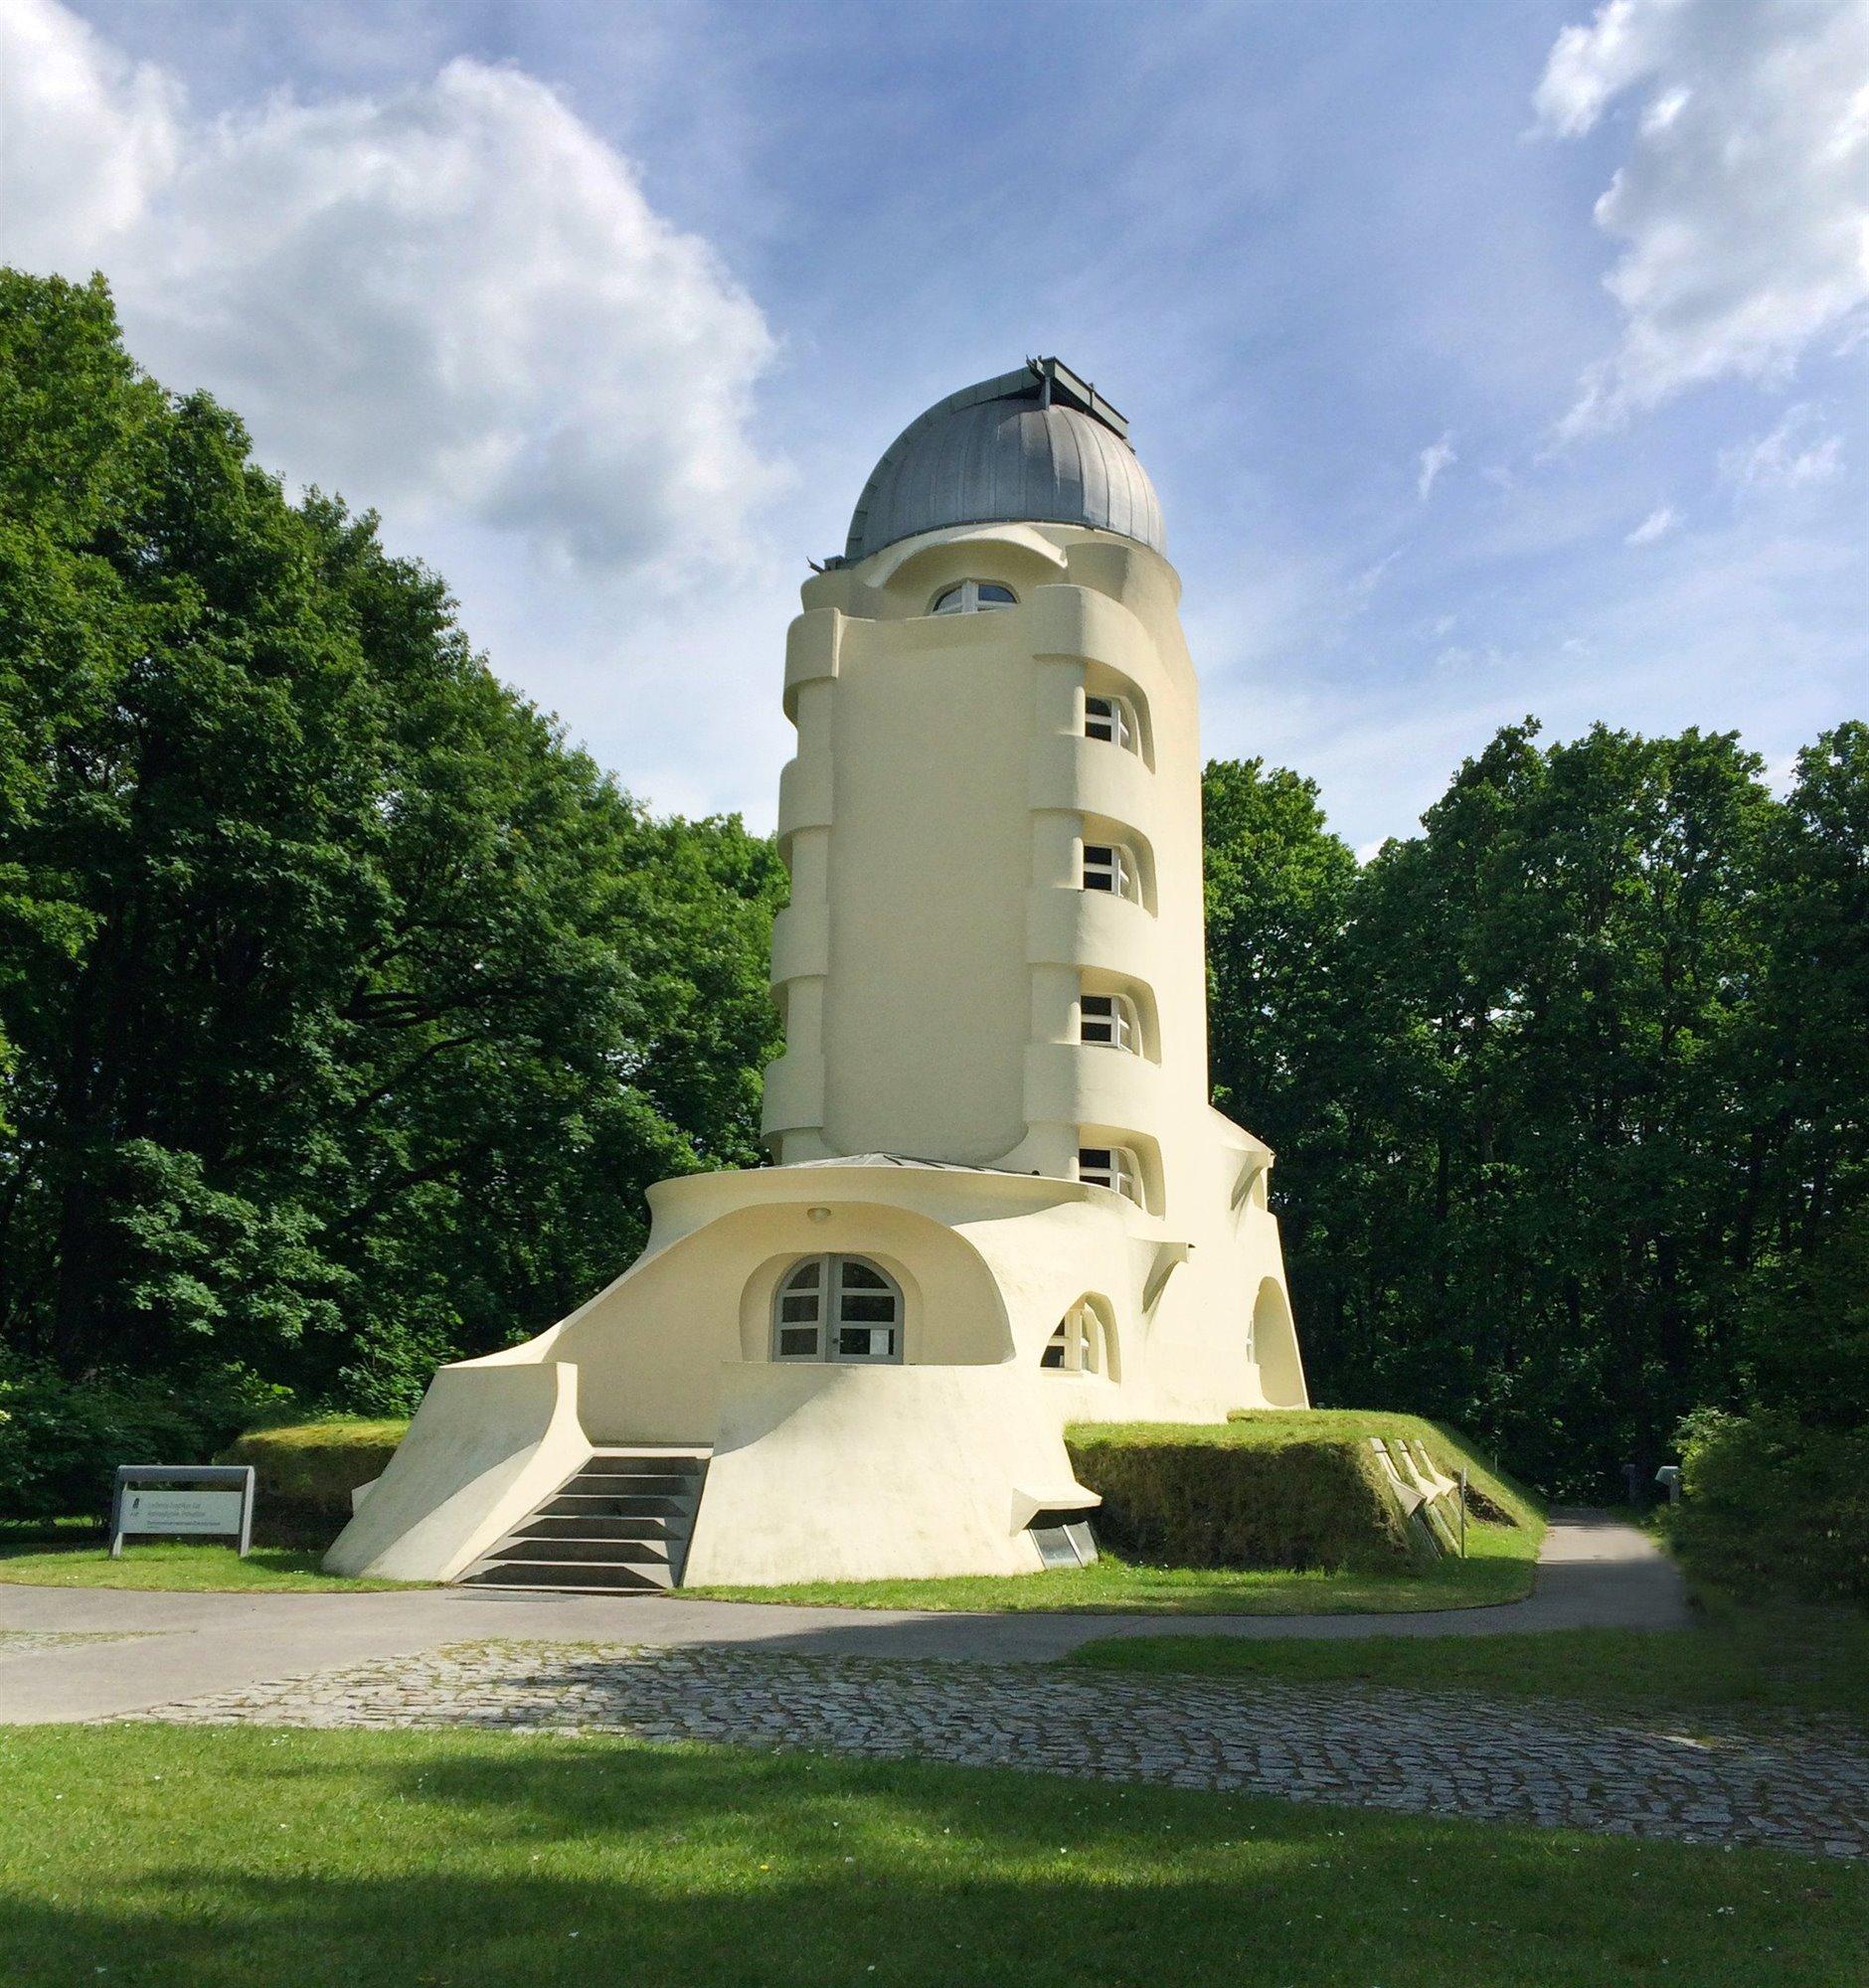 1920 The Einstein Tower in Potsdam